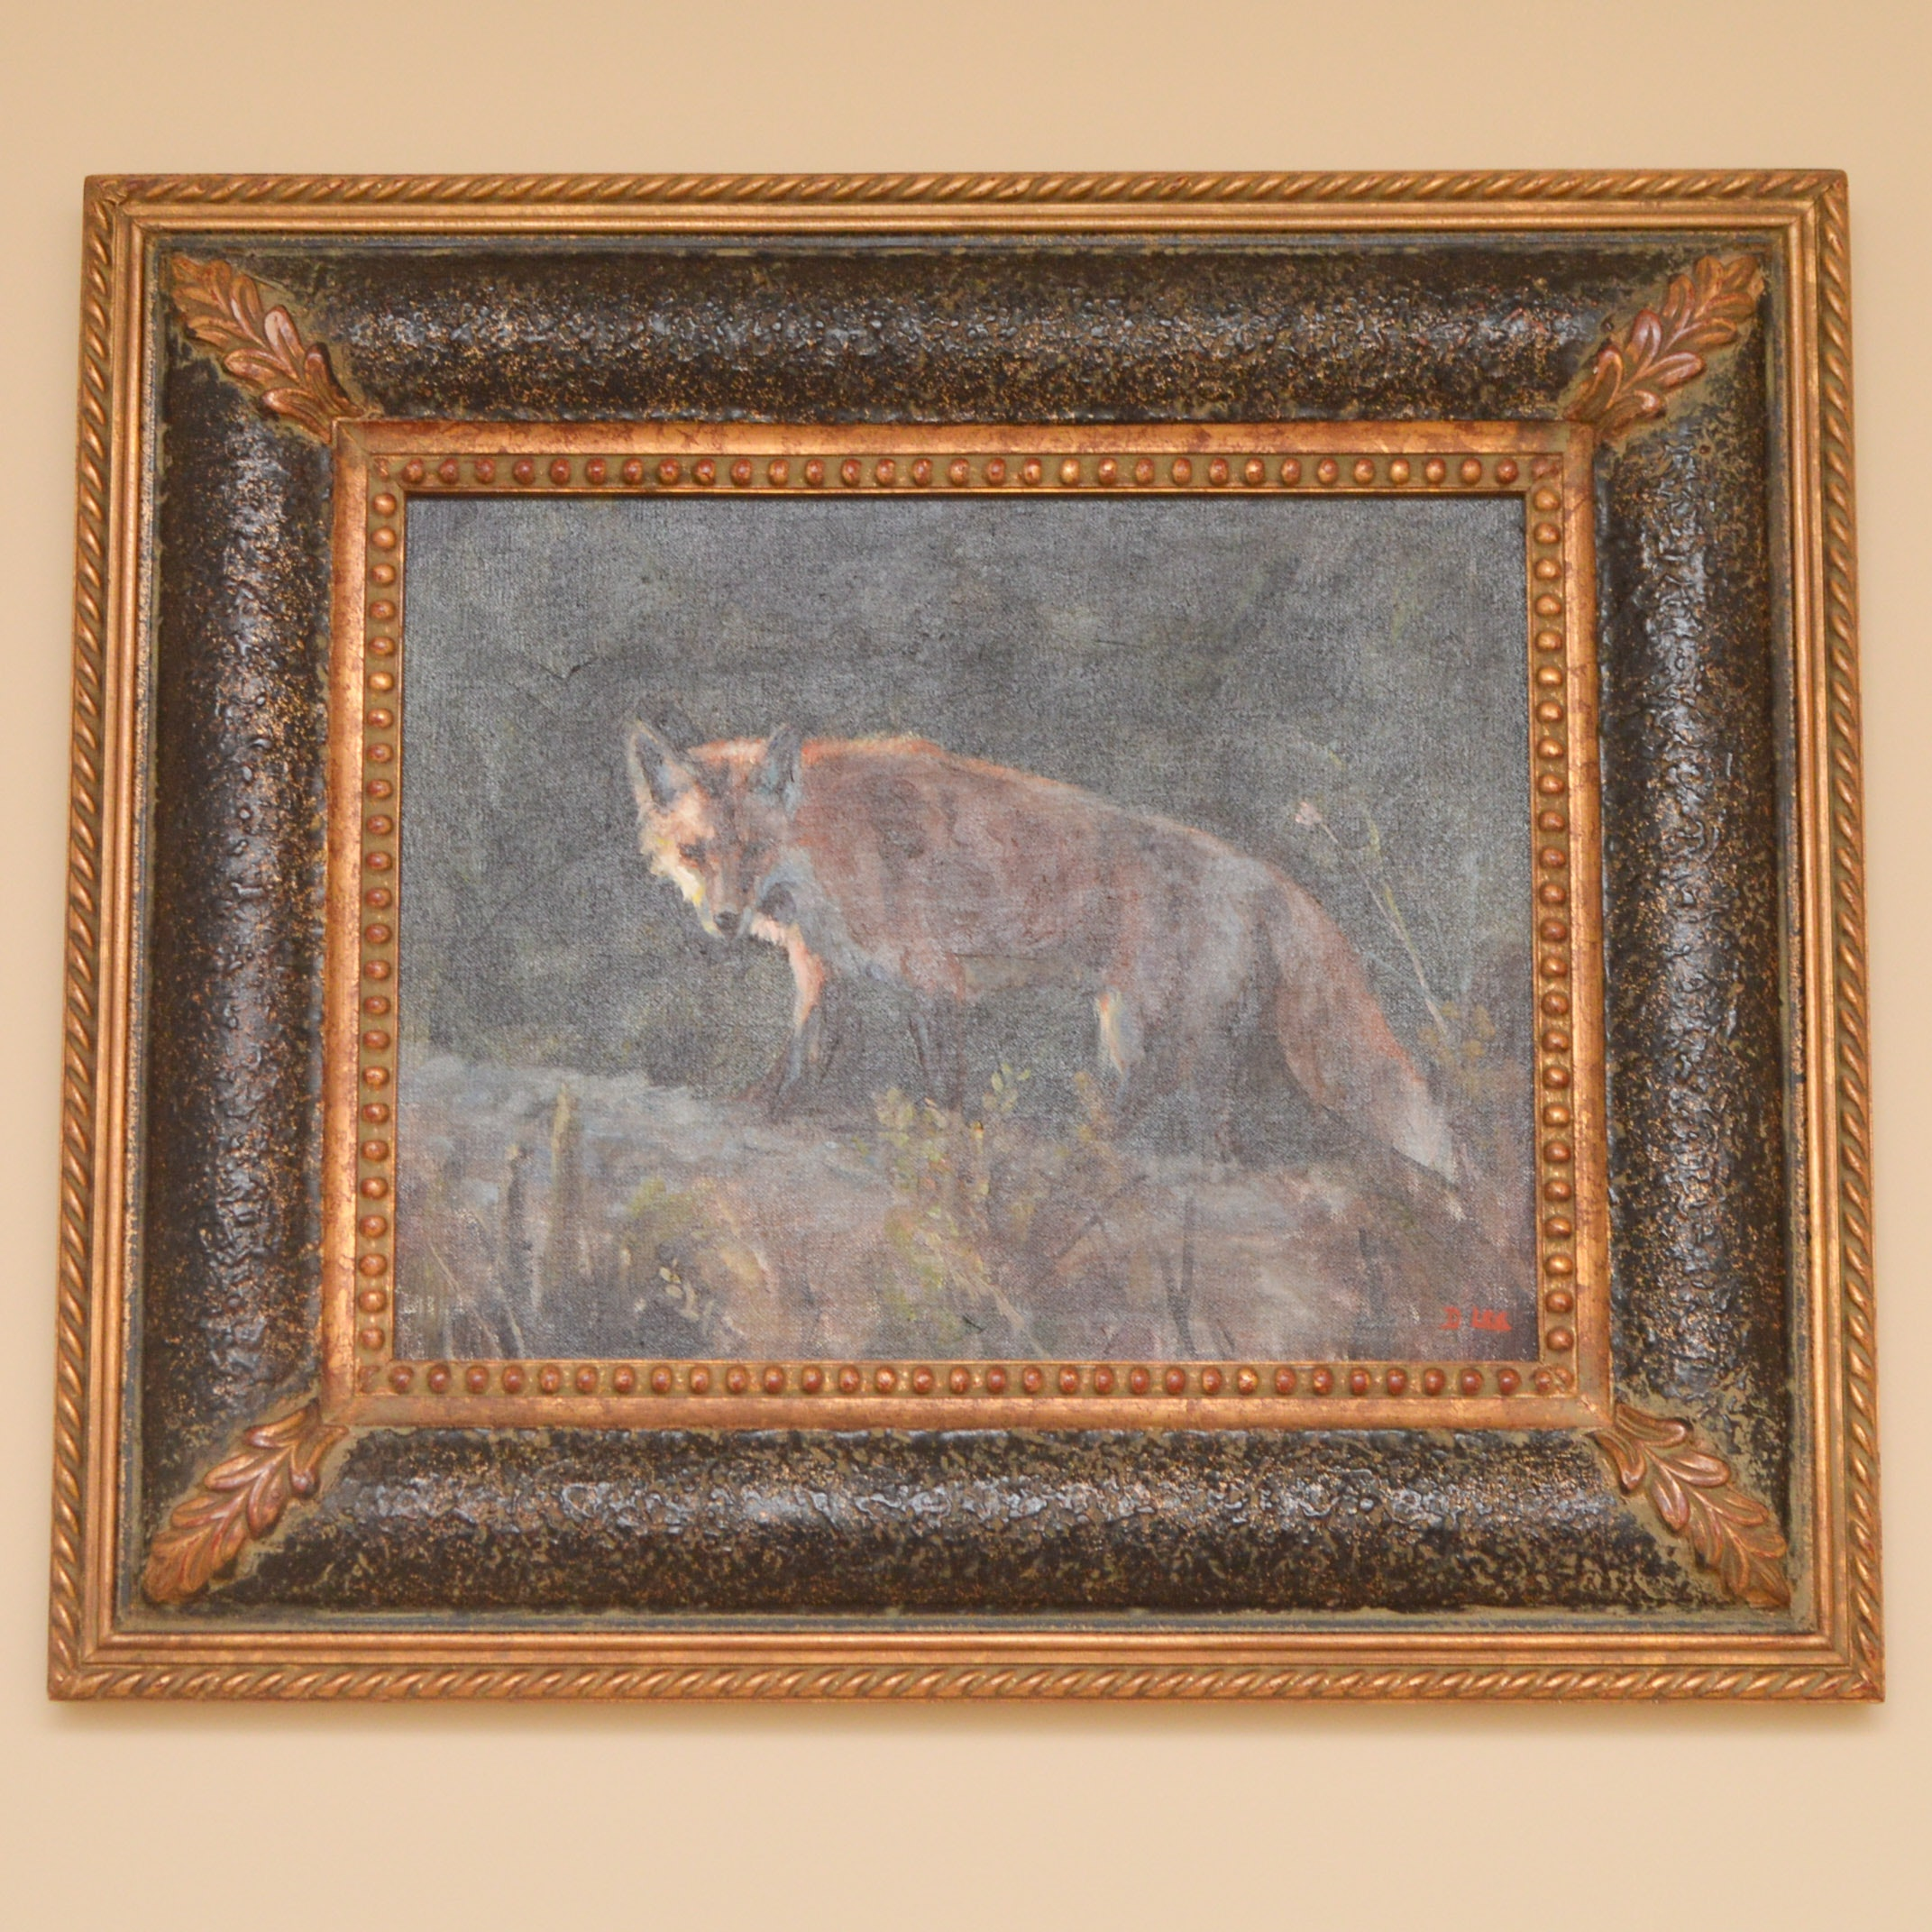 D. Lee Framed Original Oil on Canvas Board of Fox at Night